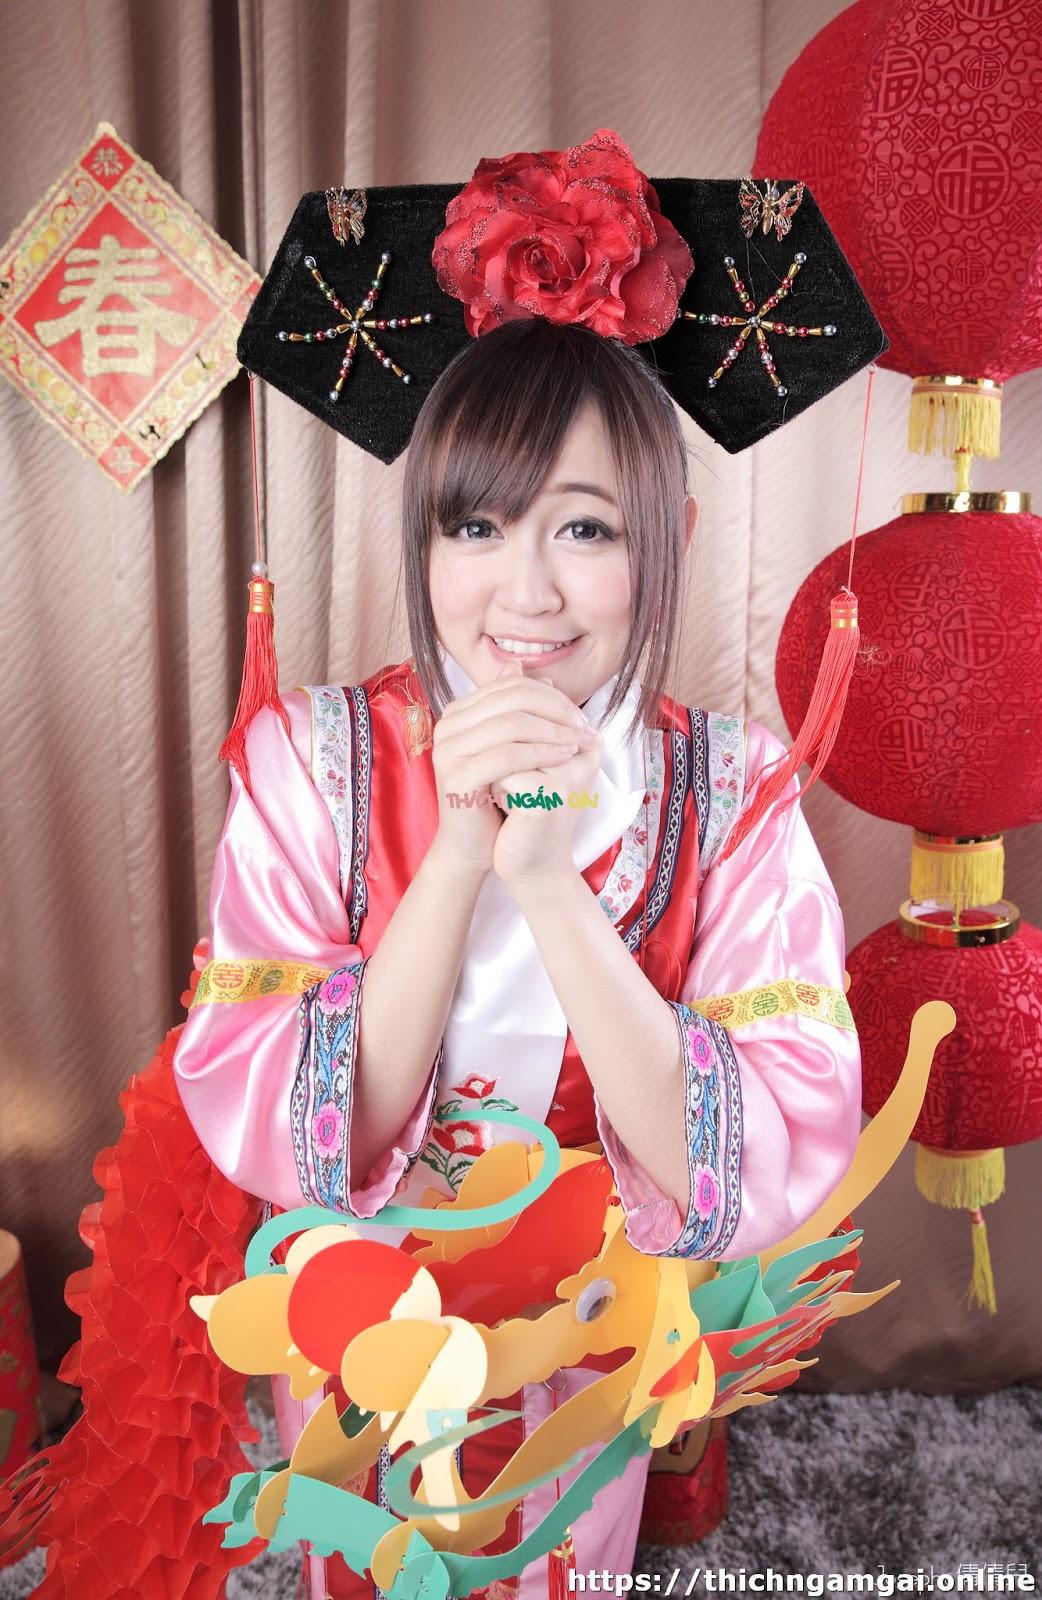 Thích Ngắm Gái 545.%2B_MG_1046%2B%2528Large%2B2048%2529 Tuyển Tập Girls Xinh Việt Nam (Phần 76)